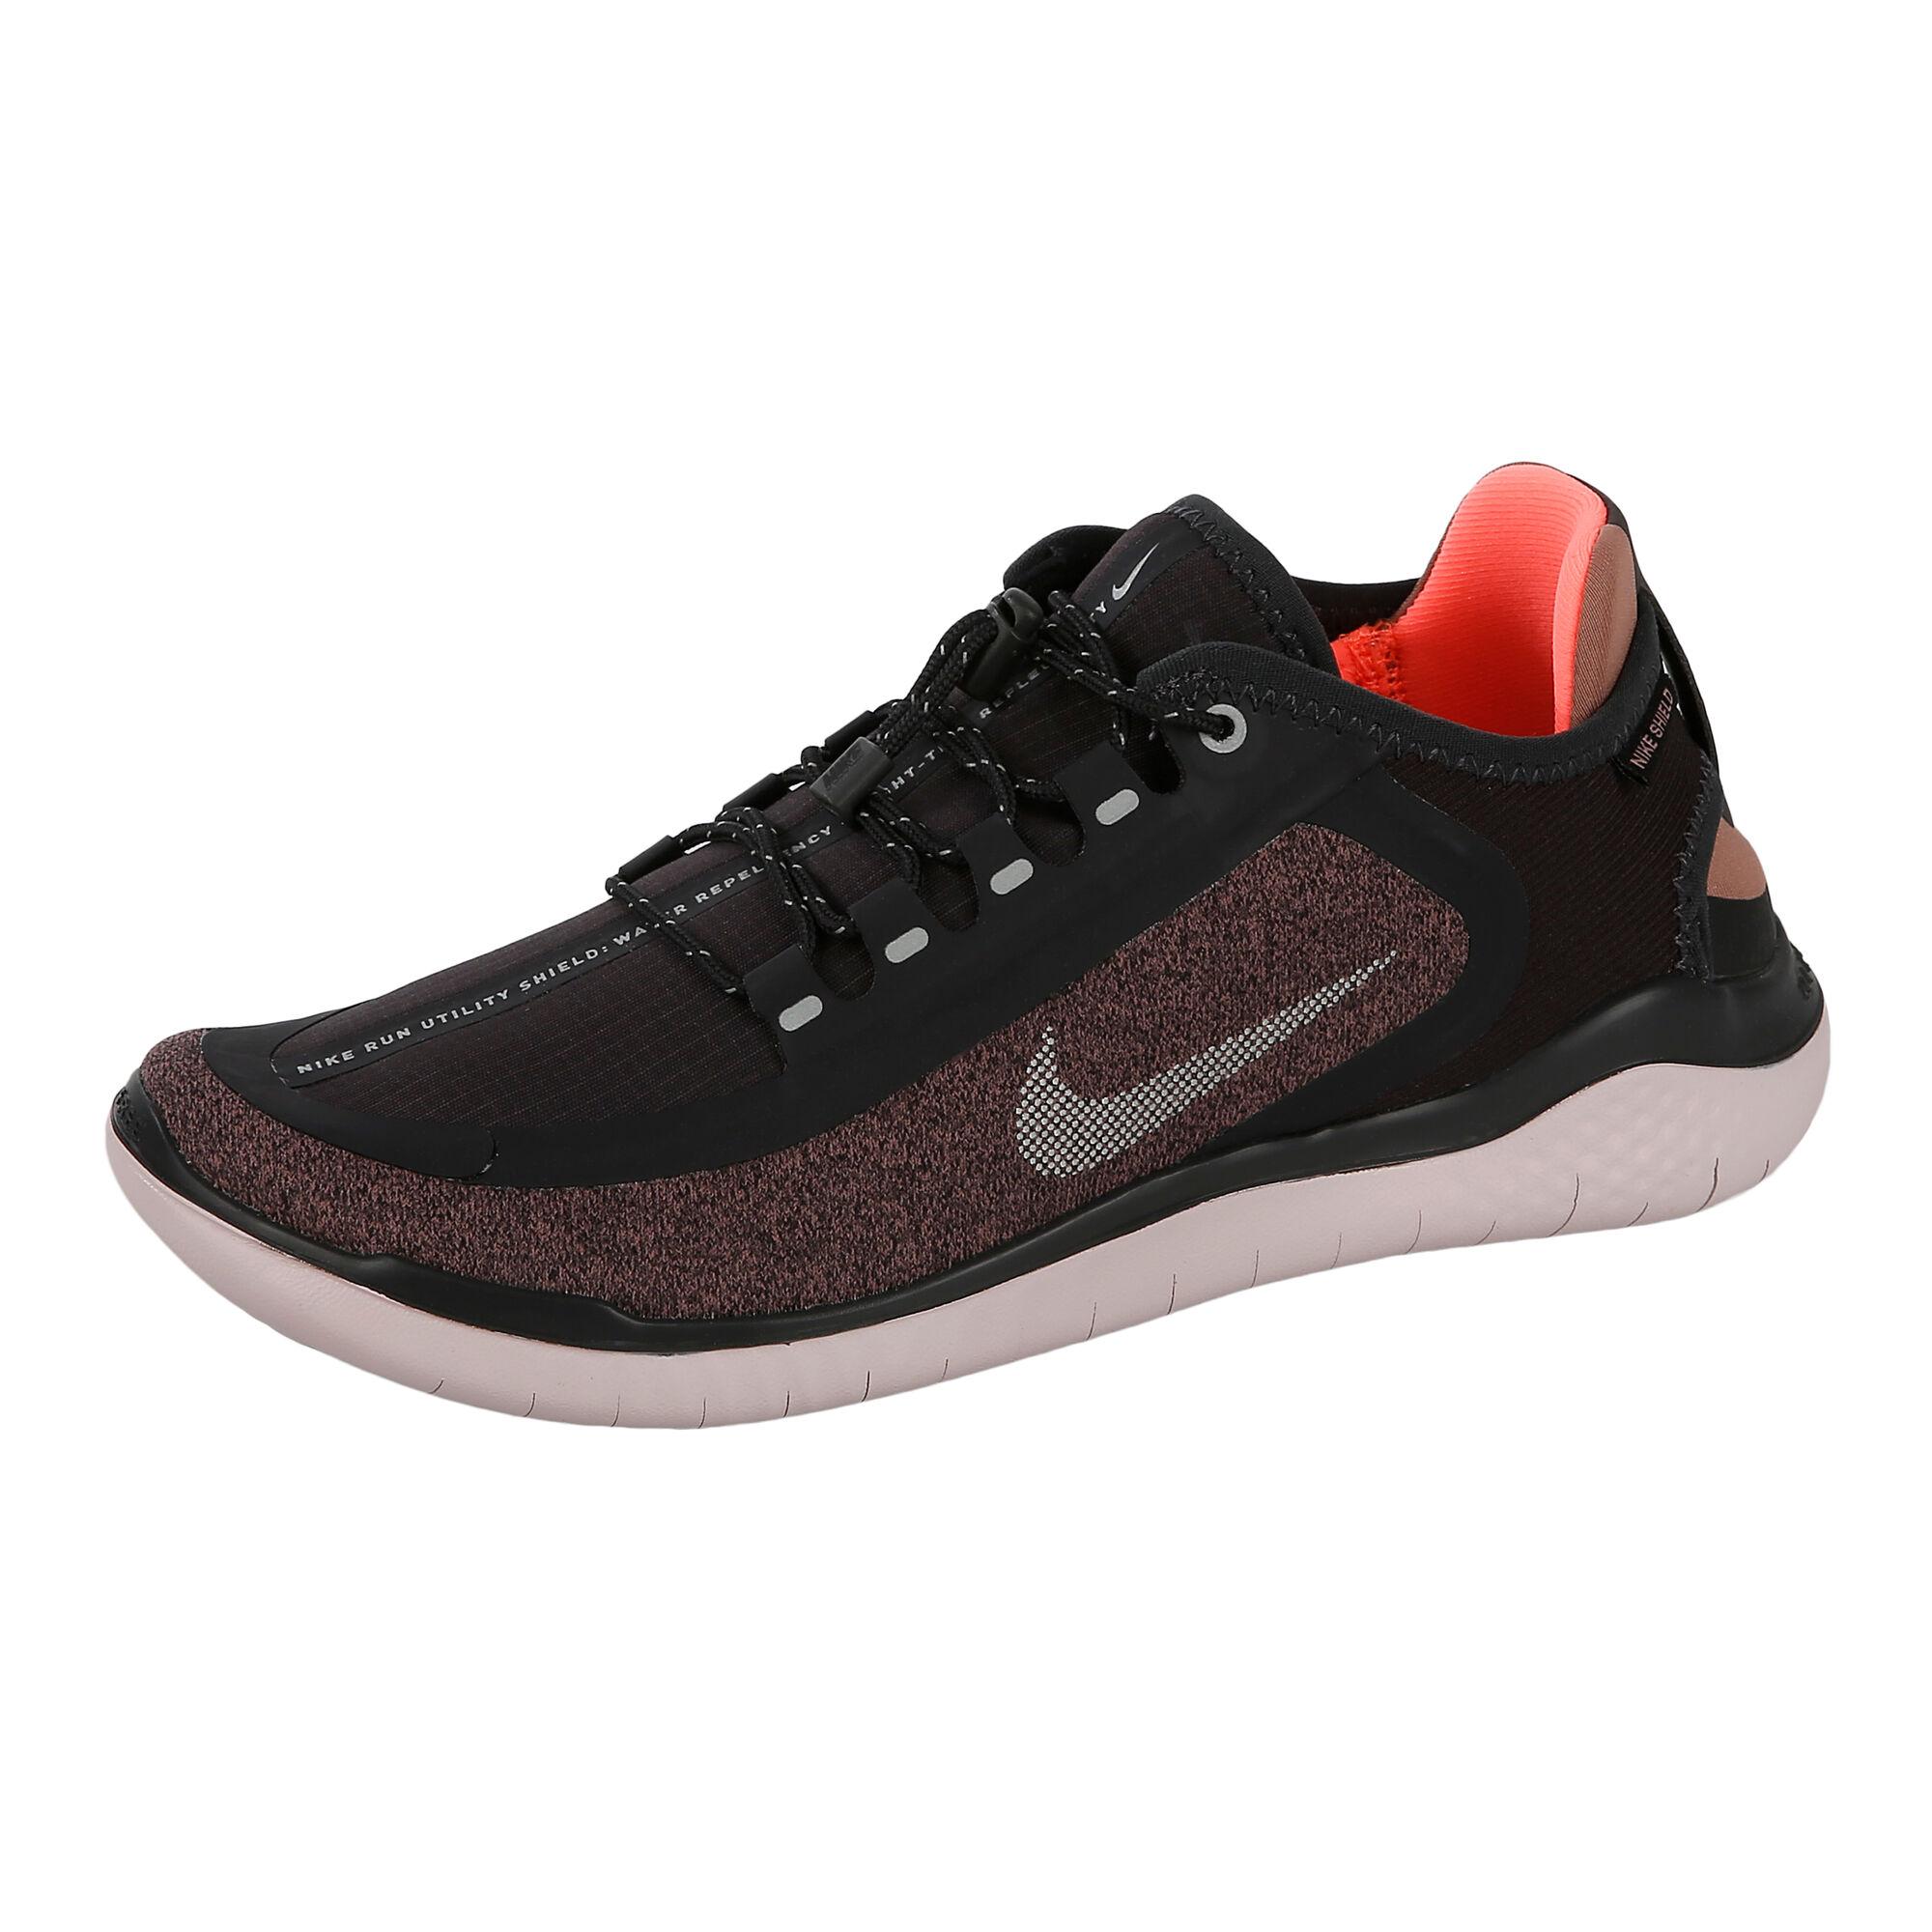 94b61efb1 Nike · Nike · Nike · Nike · Nike · Nike · Nike · Nike · Nike · Nike. Free  Run 2018 Shield Women ...